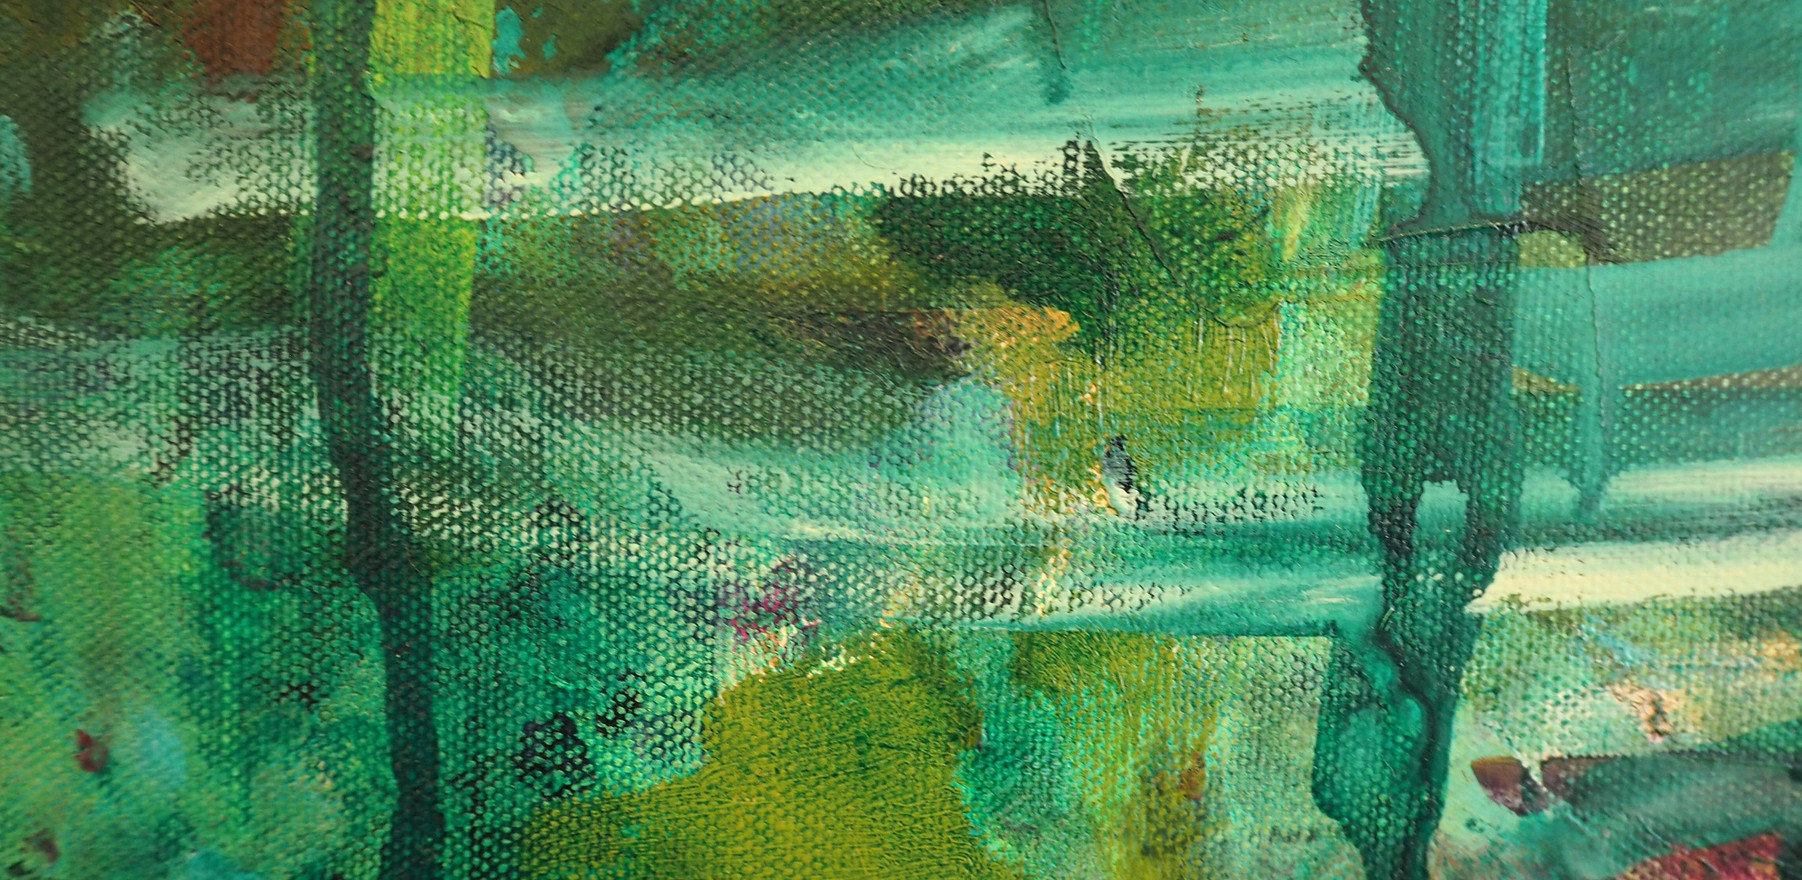 inner landscape detail